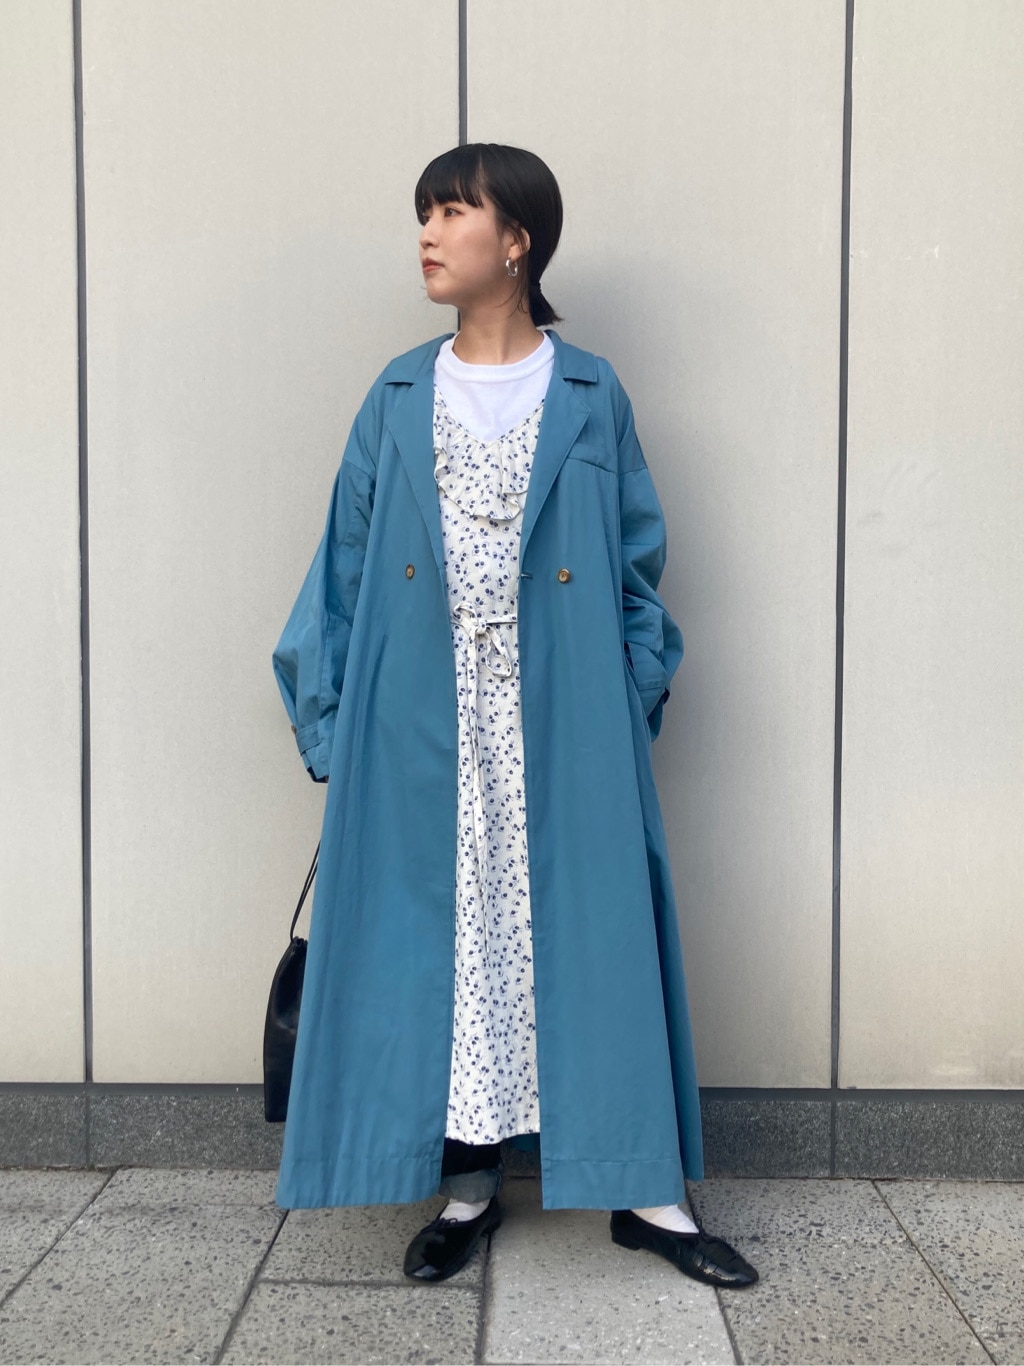 東京スカイツリータウン・ソラマチ 2021.02.09